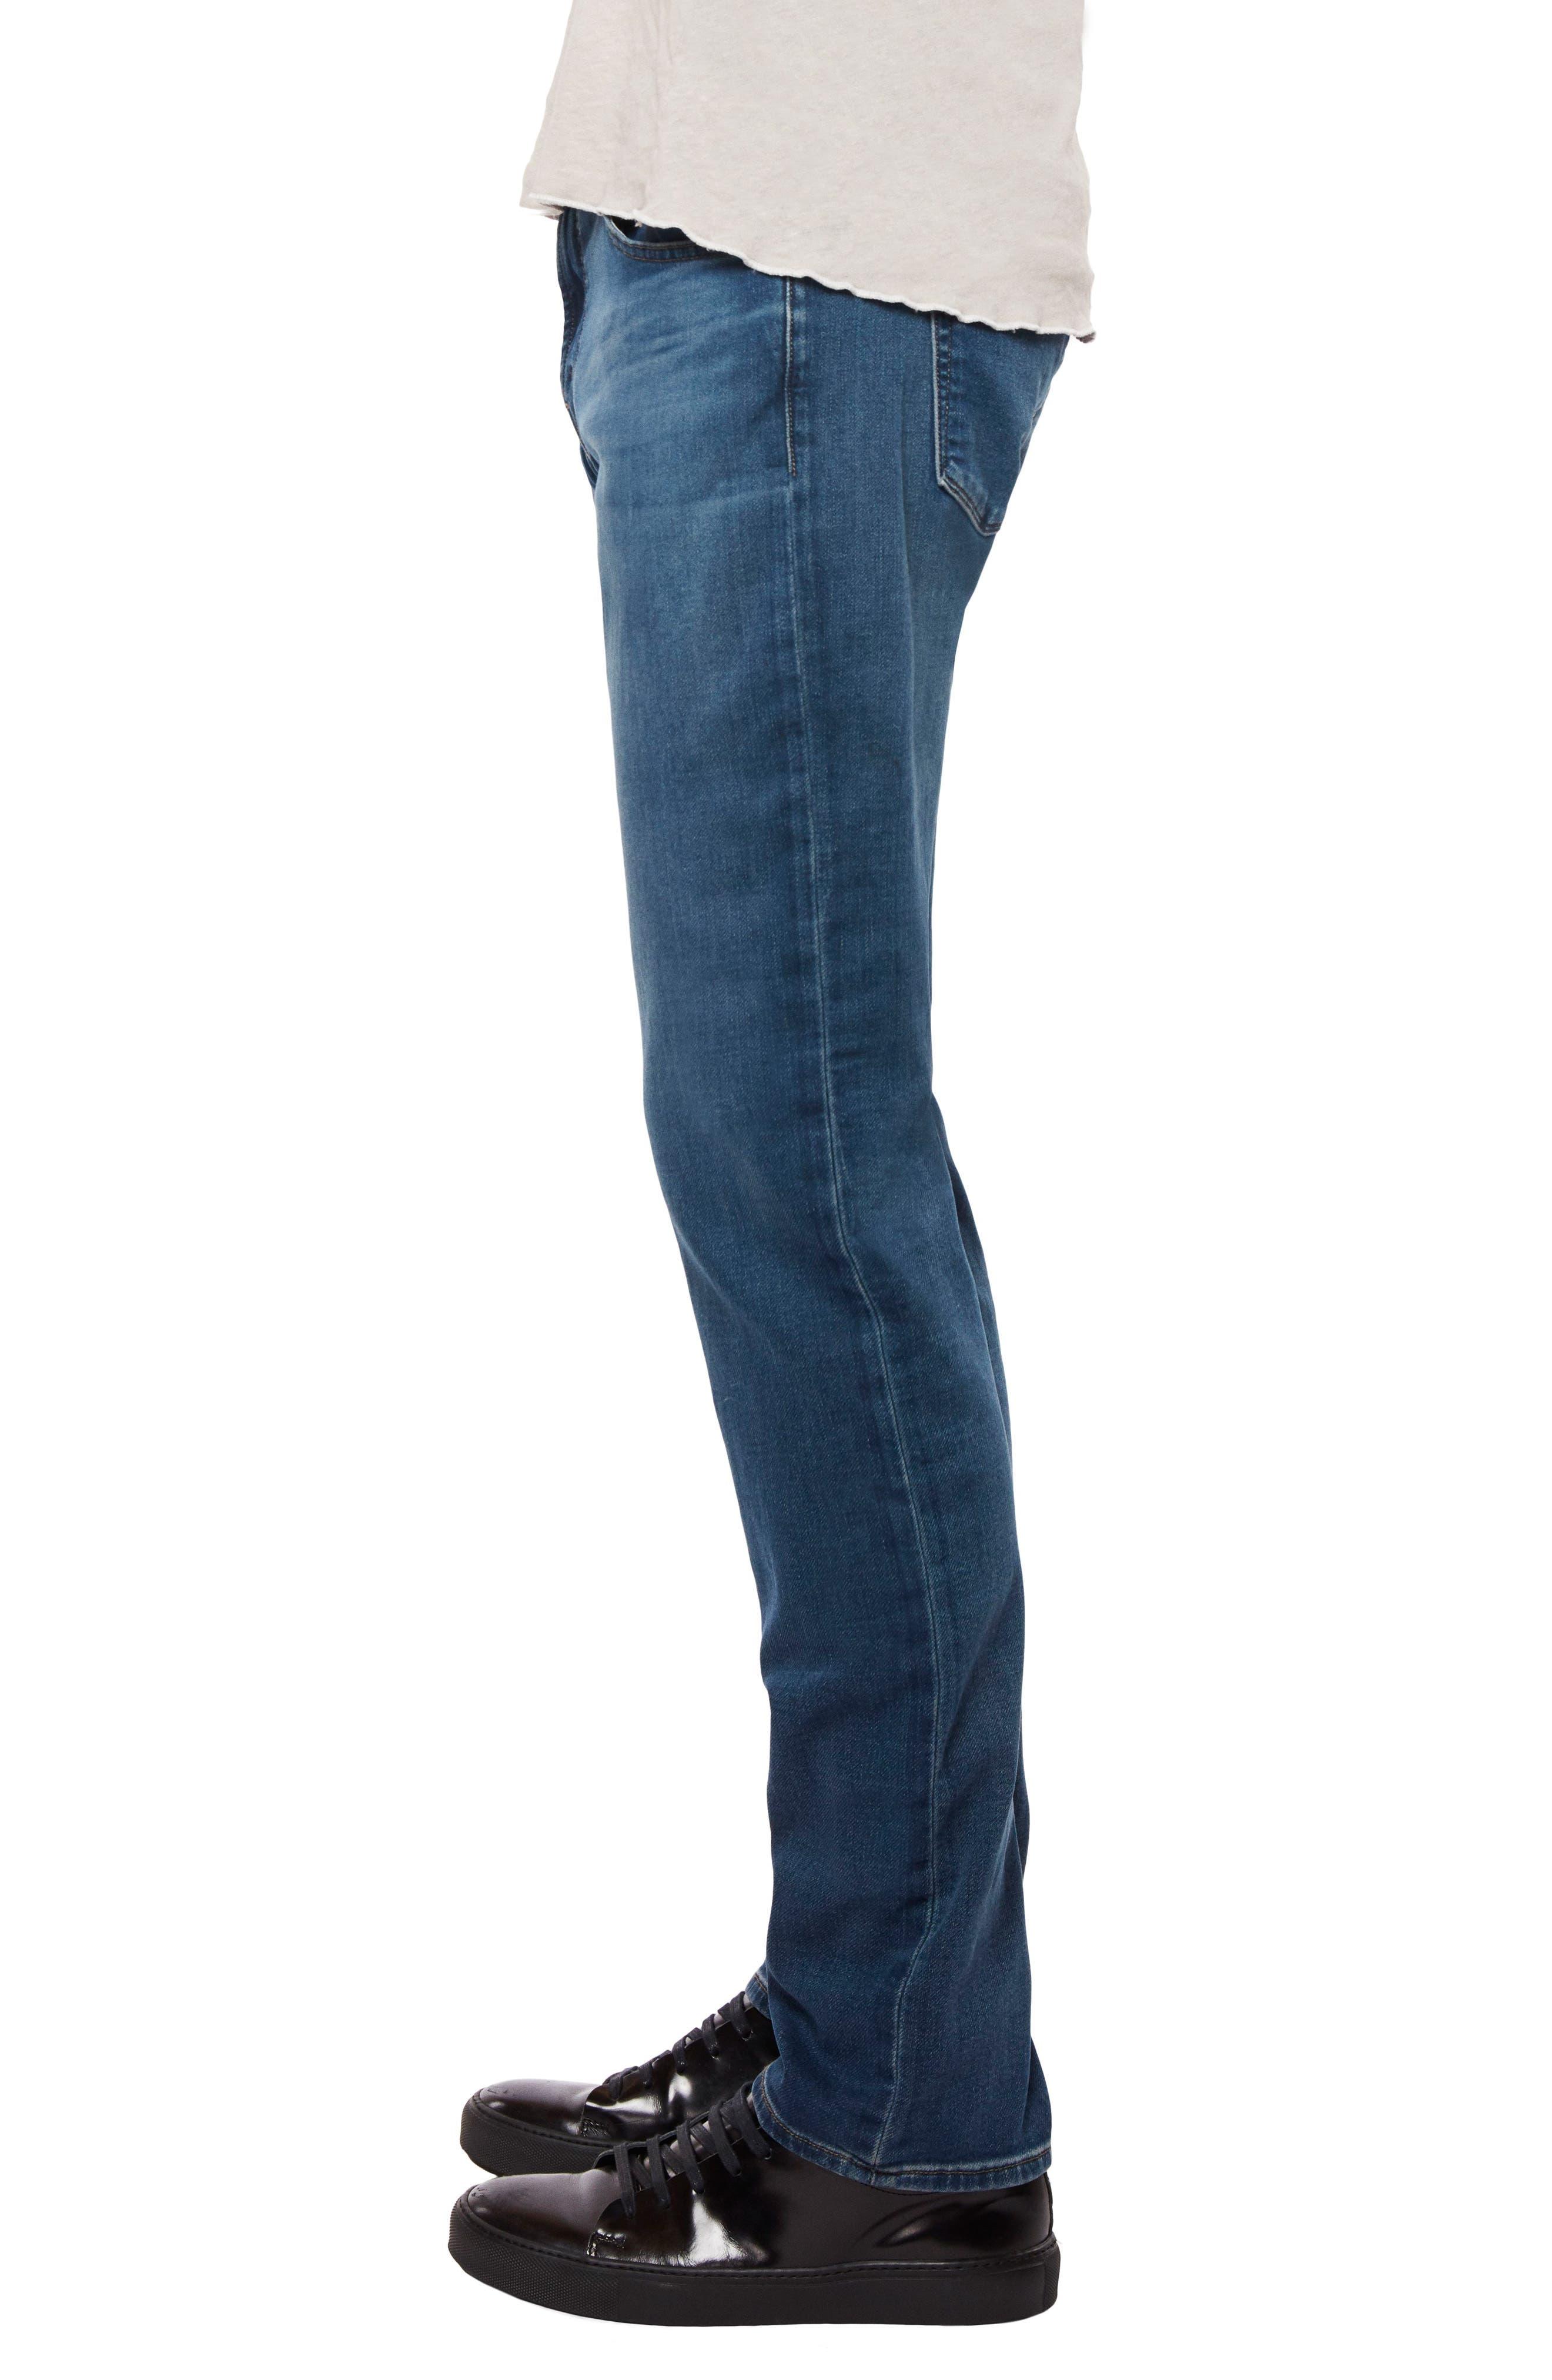 Kane Slim Straight Leg Jeans,                             Alternate thumbnail 3, color,                             454